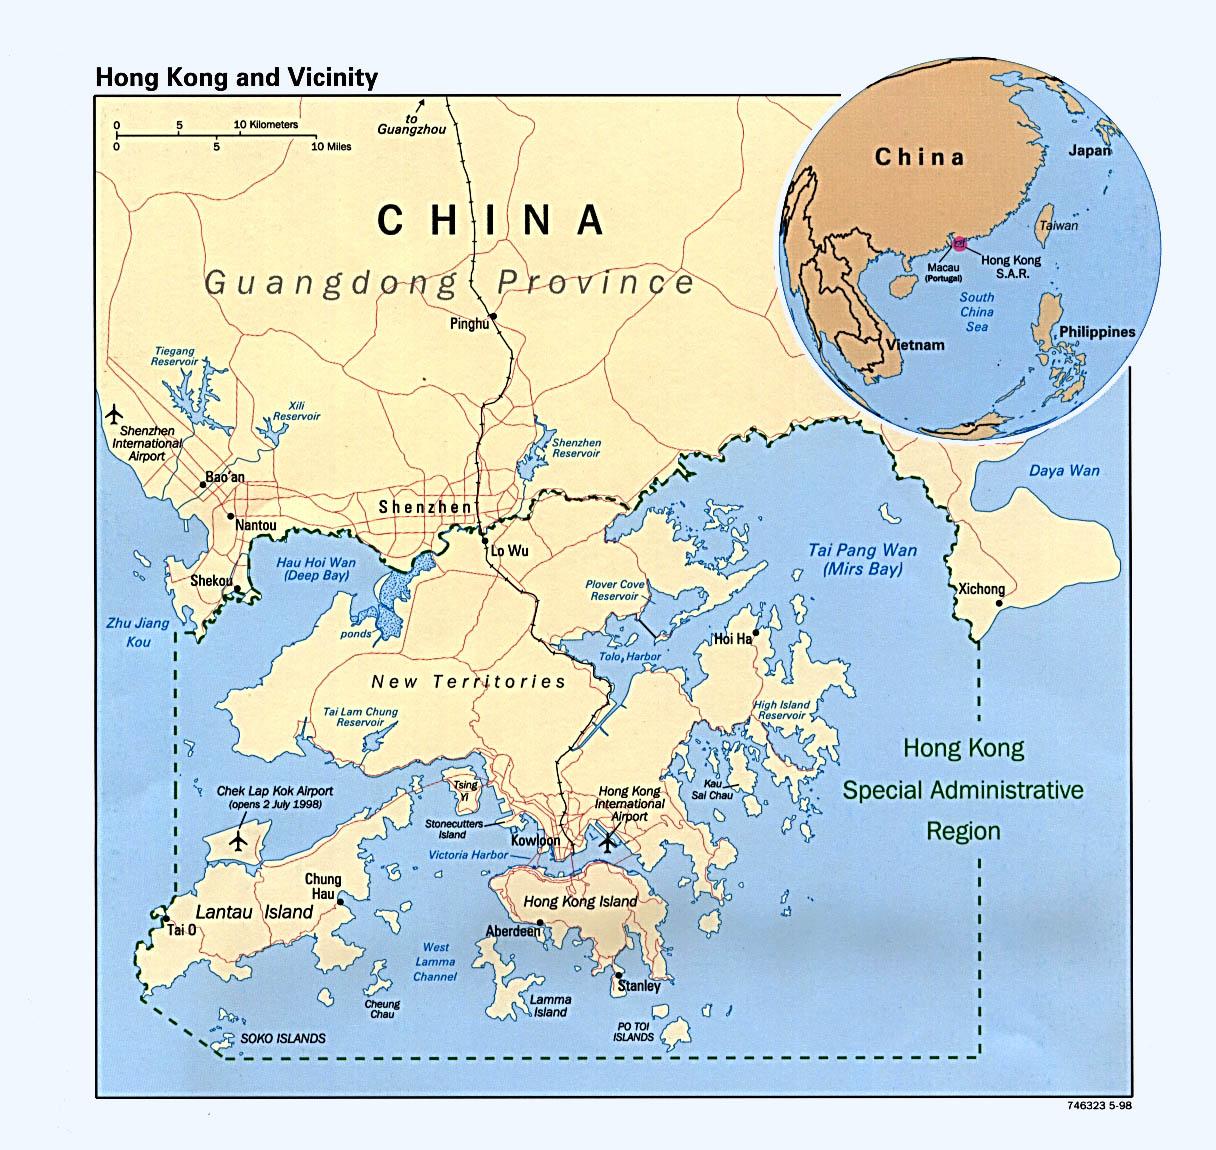 Mapa Politico de Hong Kong y Cercanías